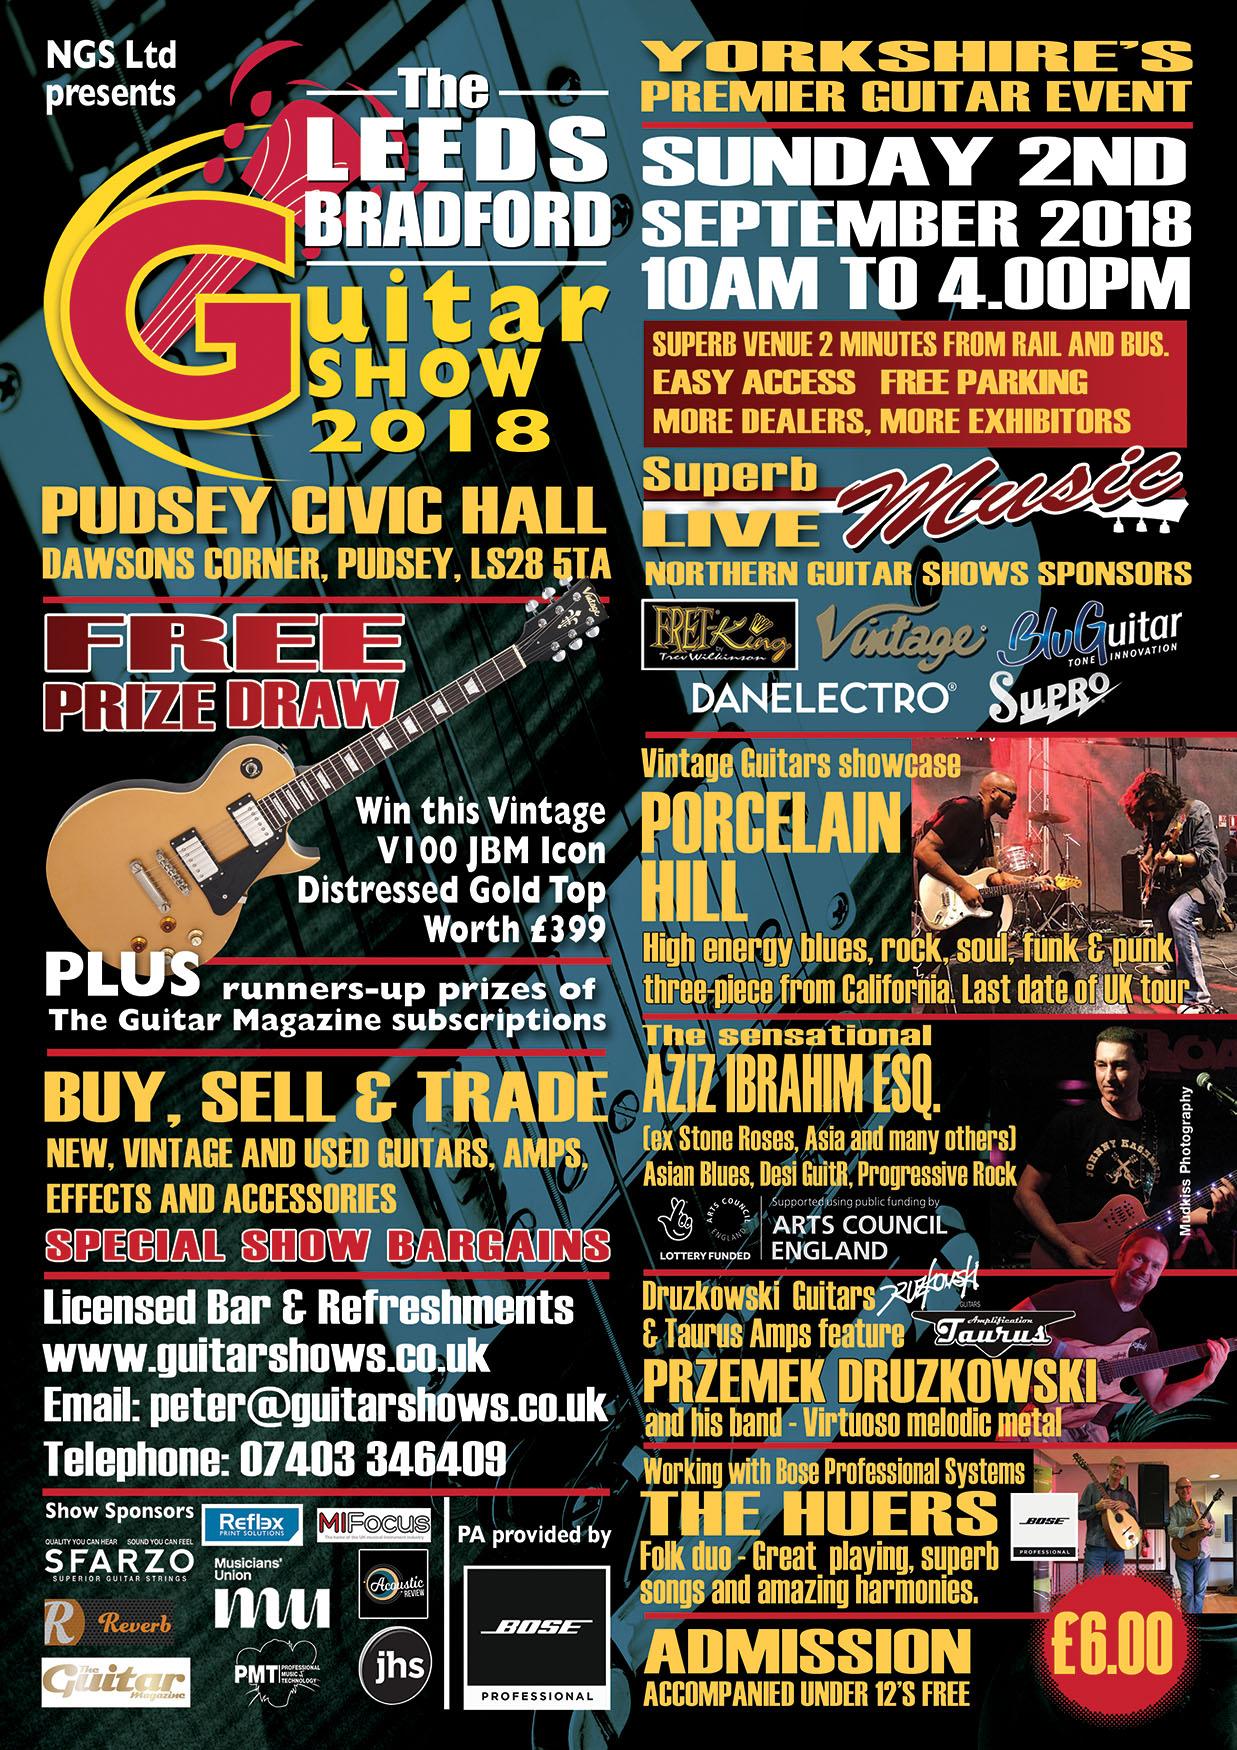 The Leeds/Bradford Guitar Show 2018